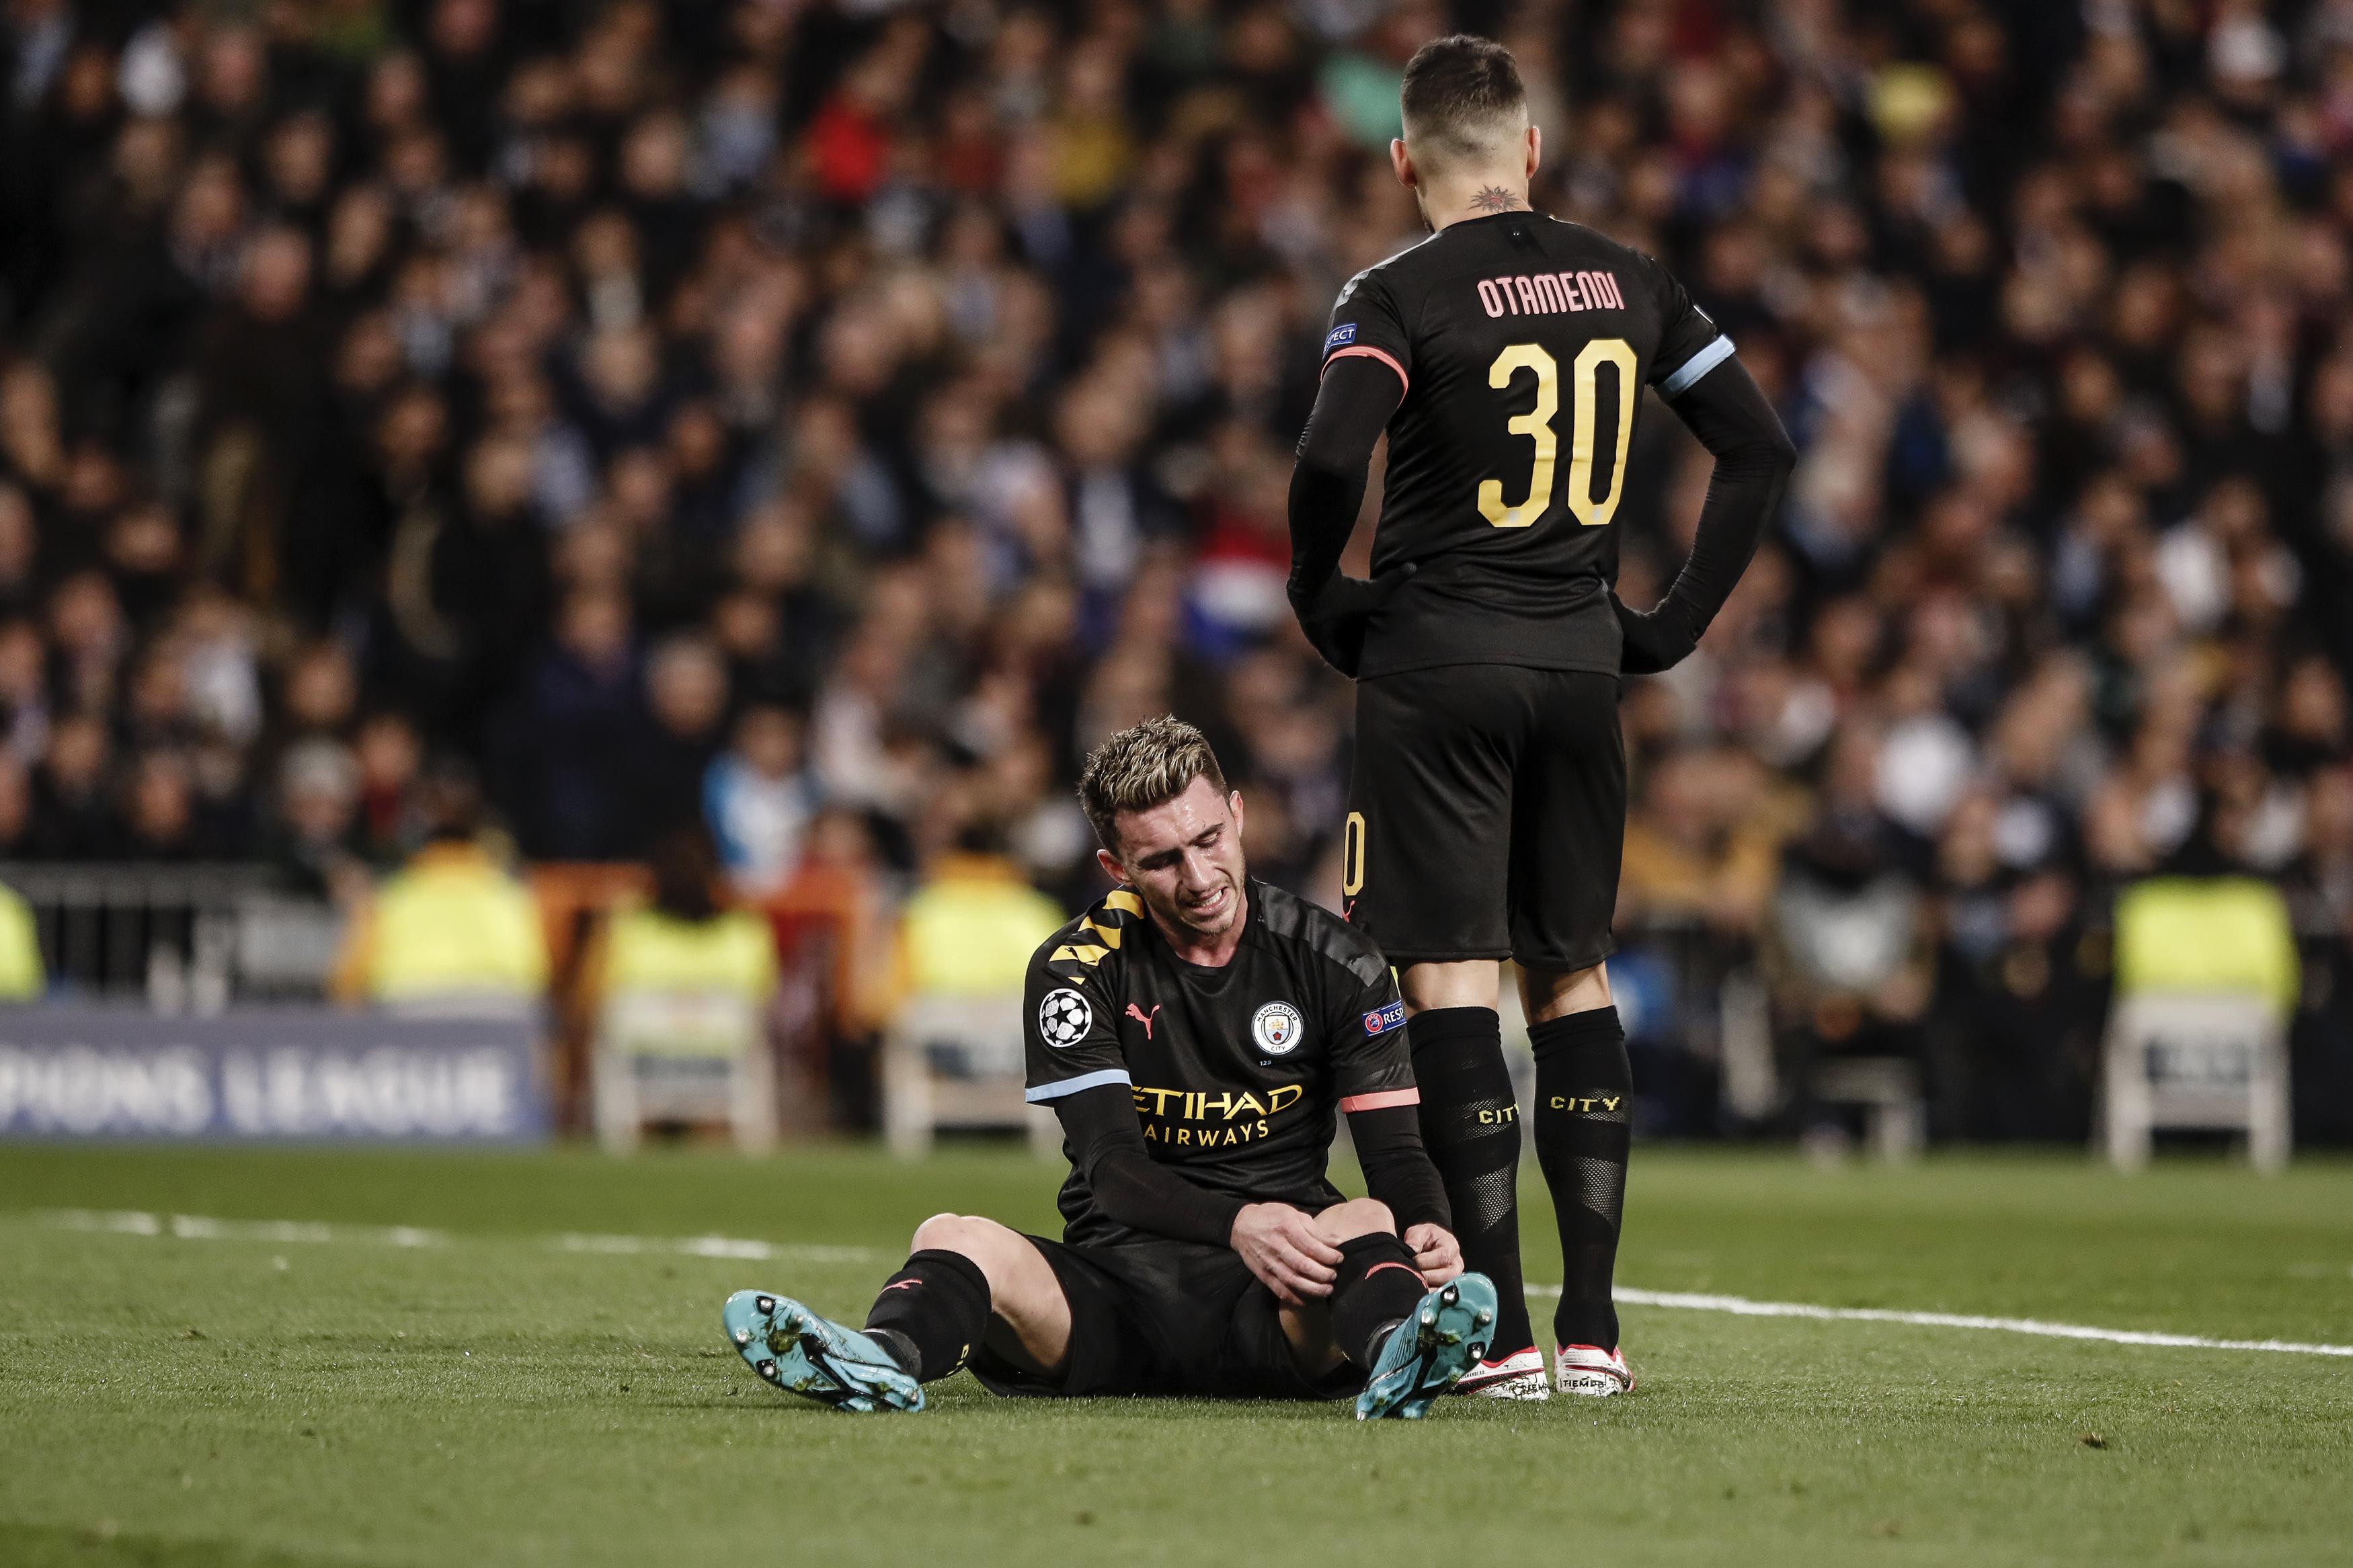 Football - Ligue des champions - Malgré des dépenses pharamineuses, la défense reste le talon d'Achille de City